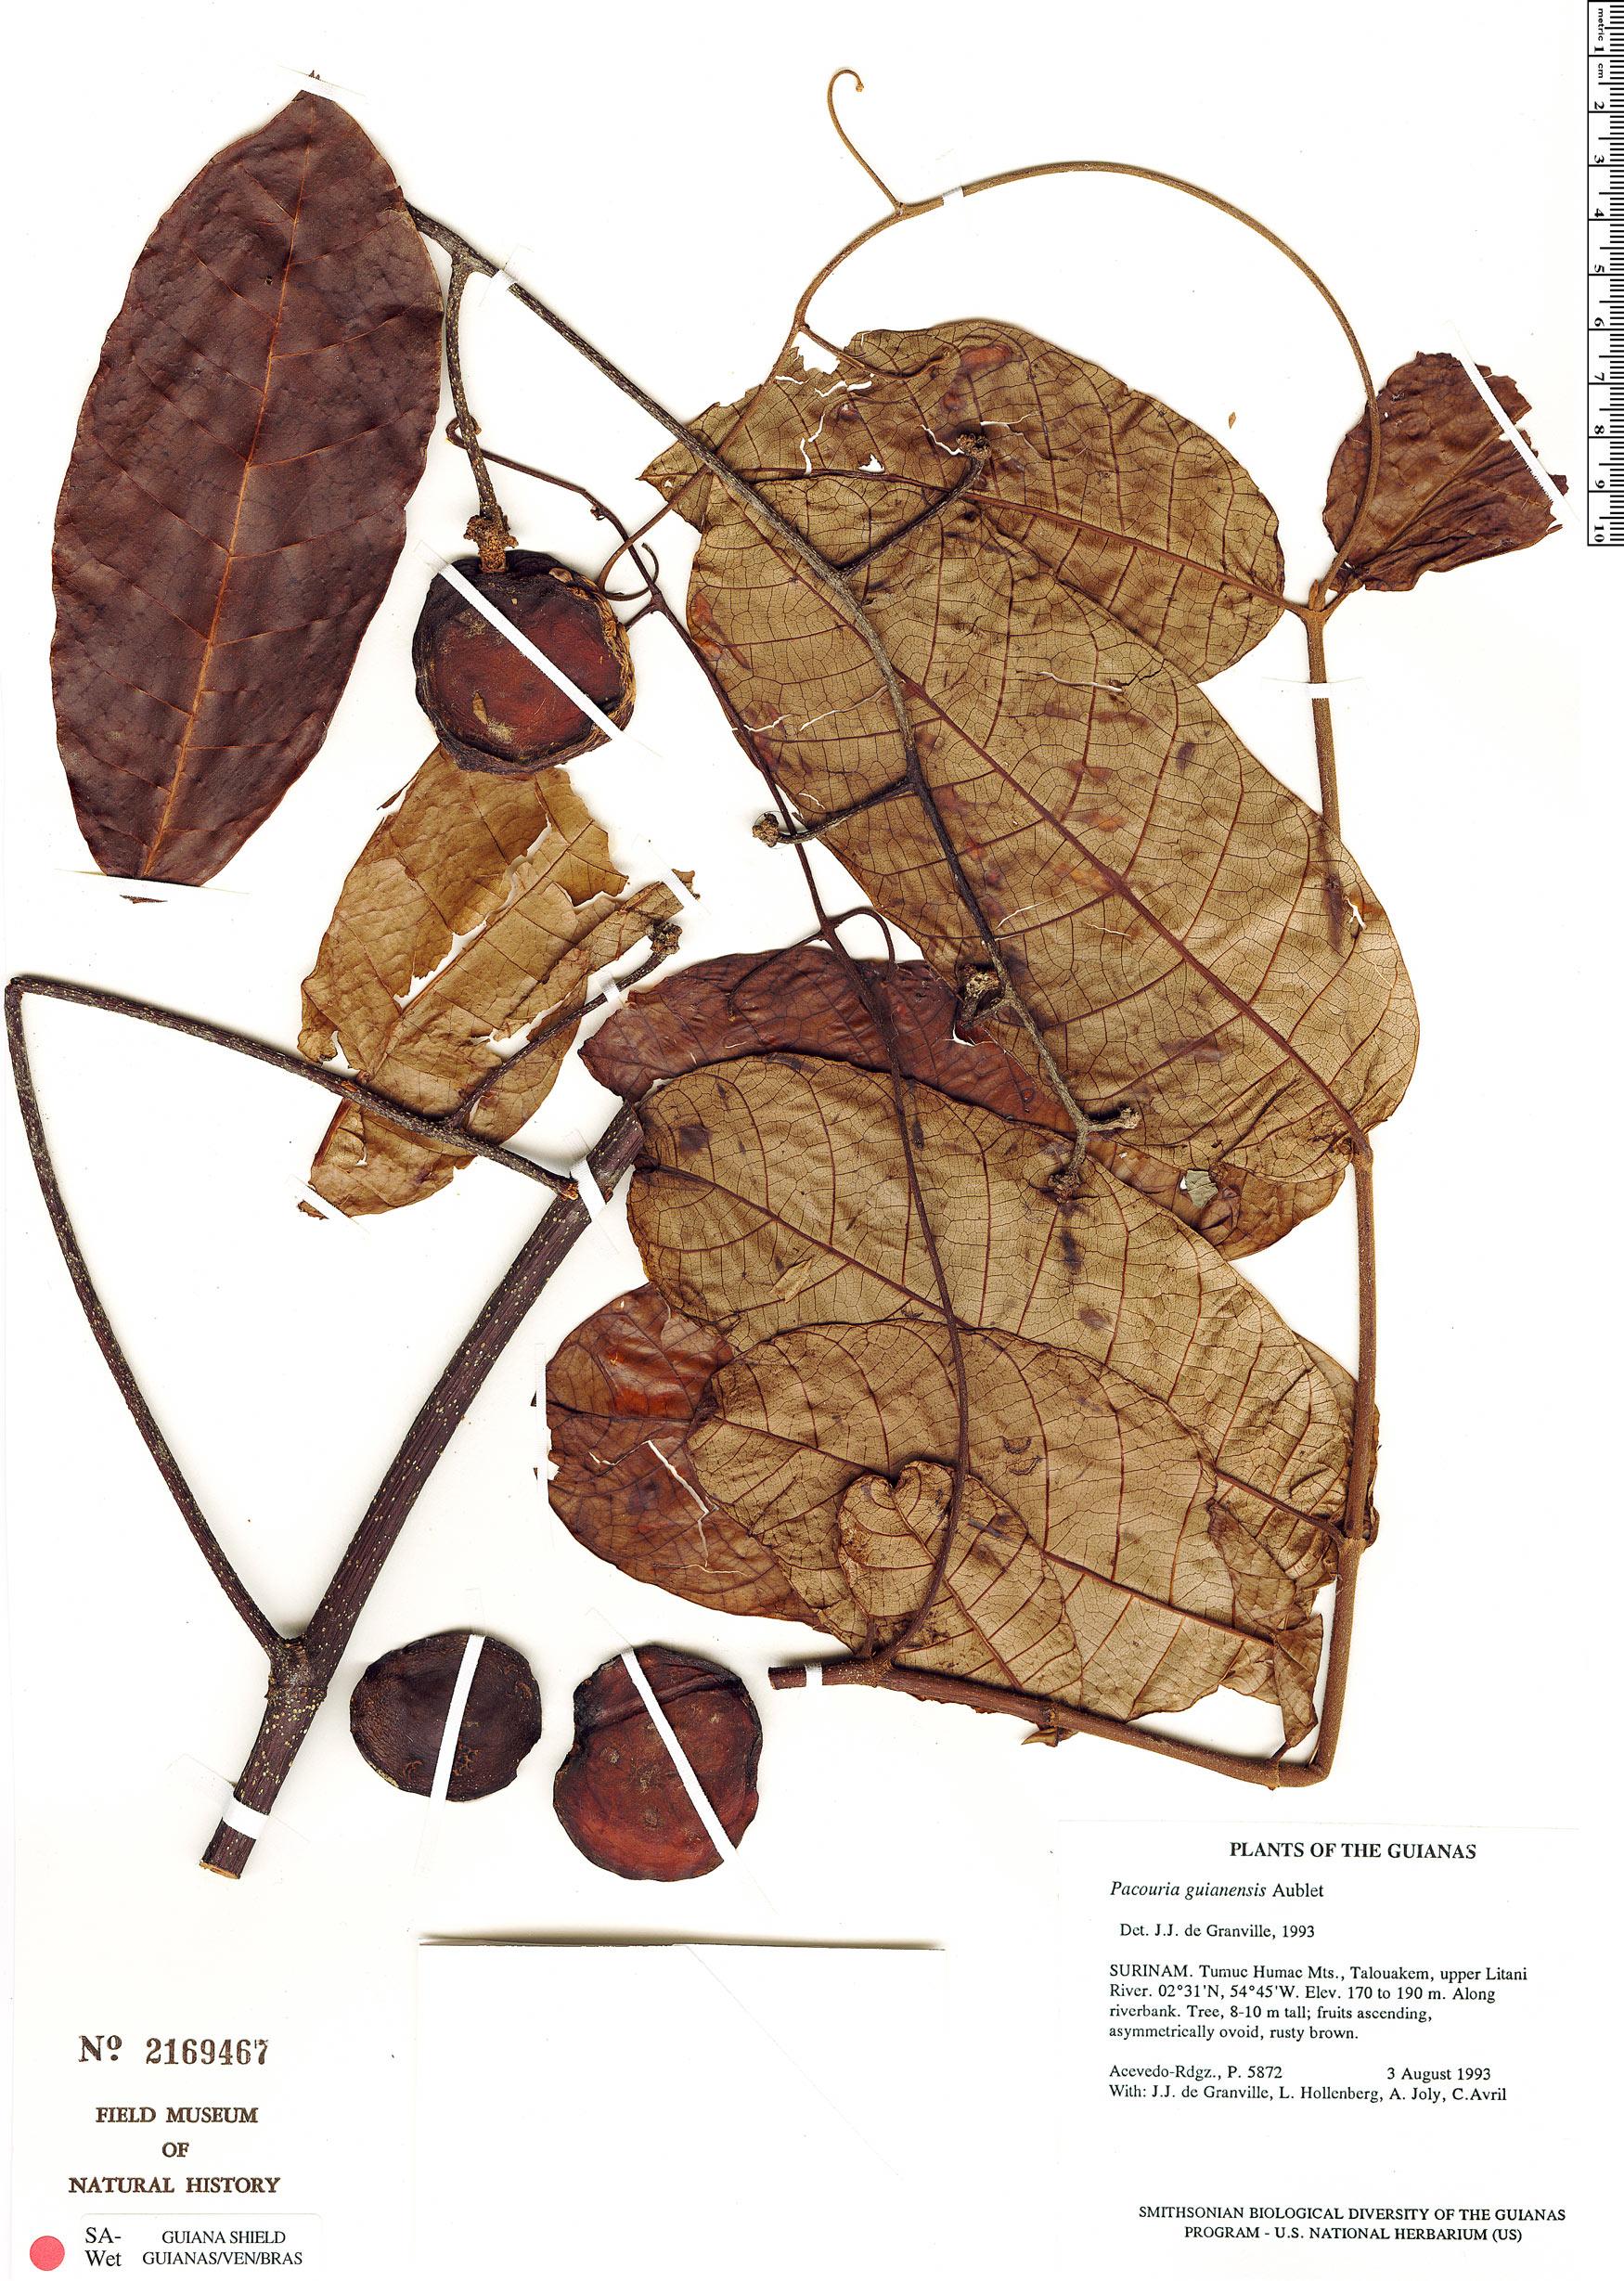 Specimen: Pacouria guianensis